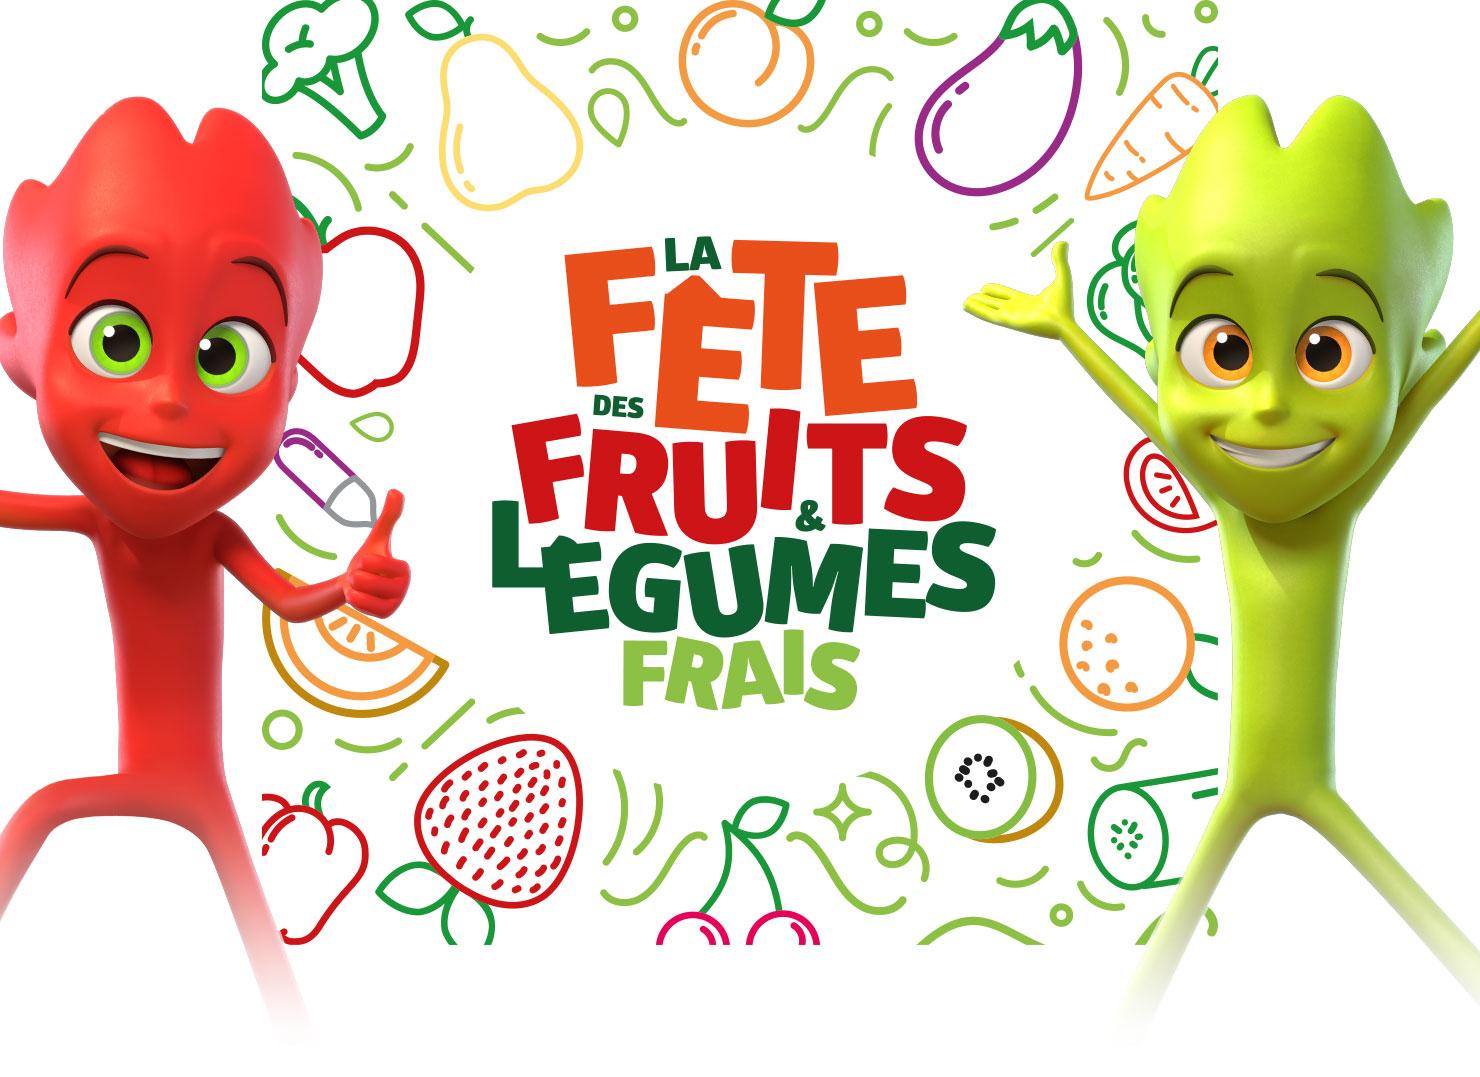 Bienvenue à la FÊTE DES FRUITS ET LÉGUMES FRAIS !